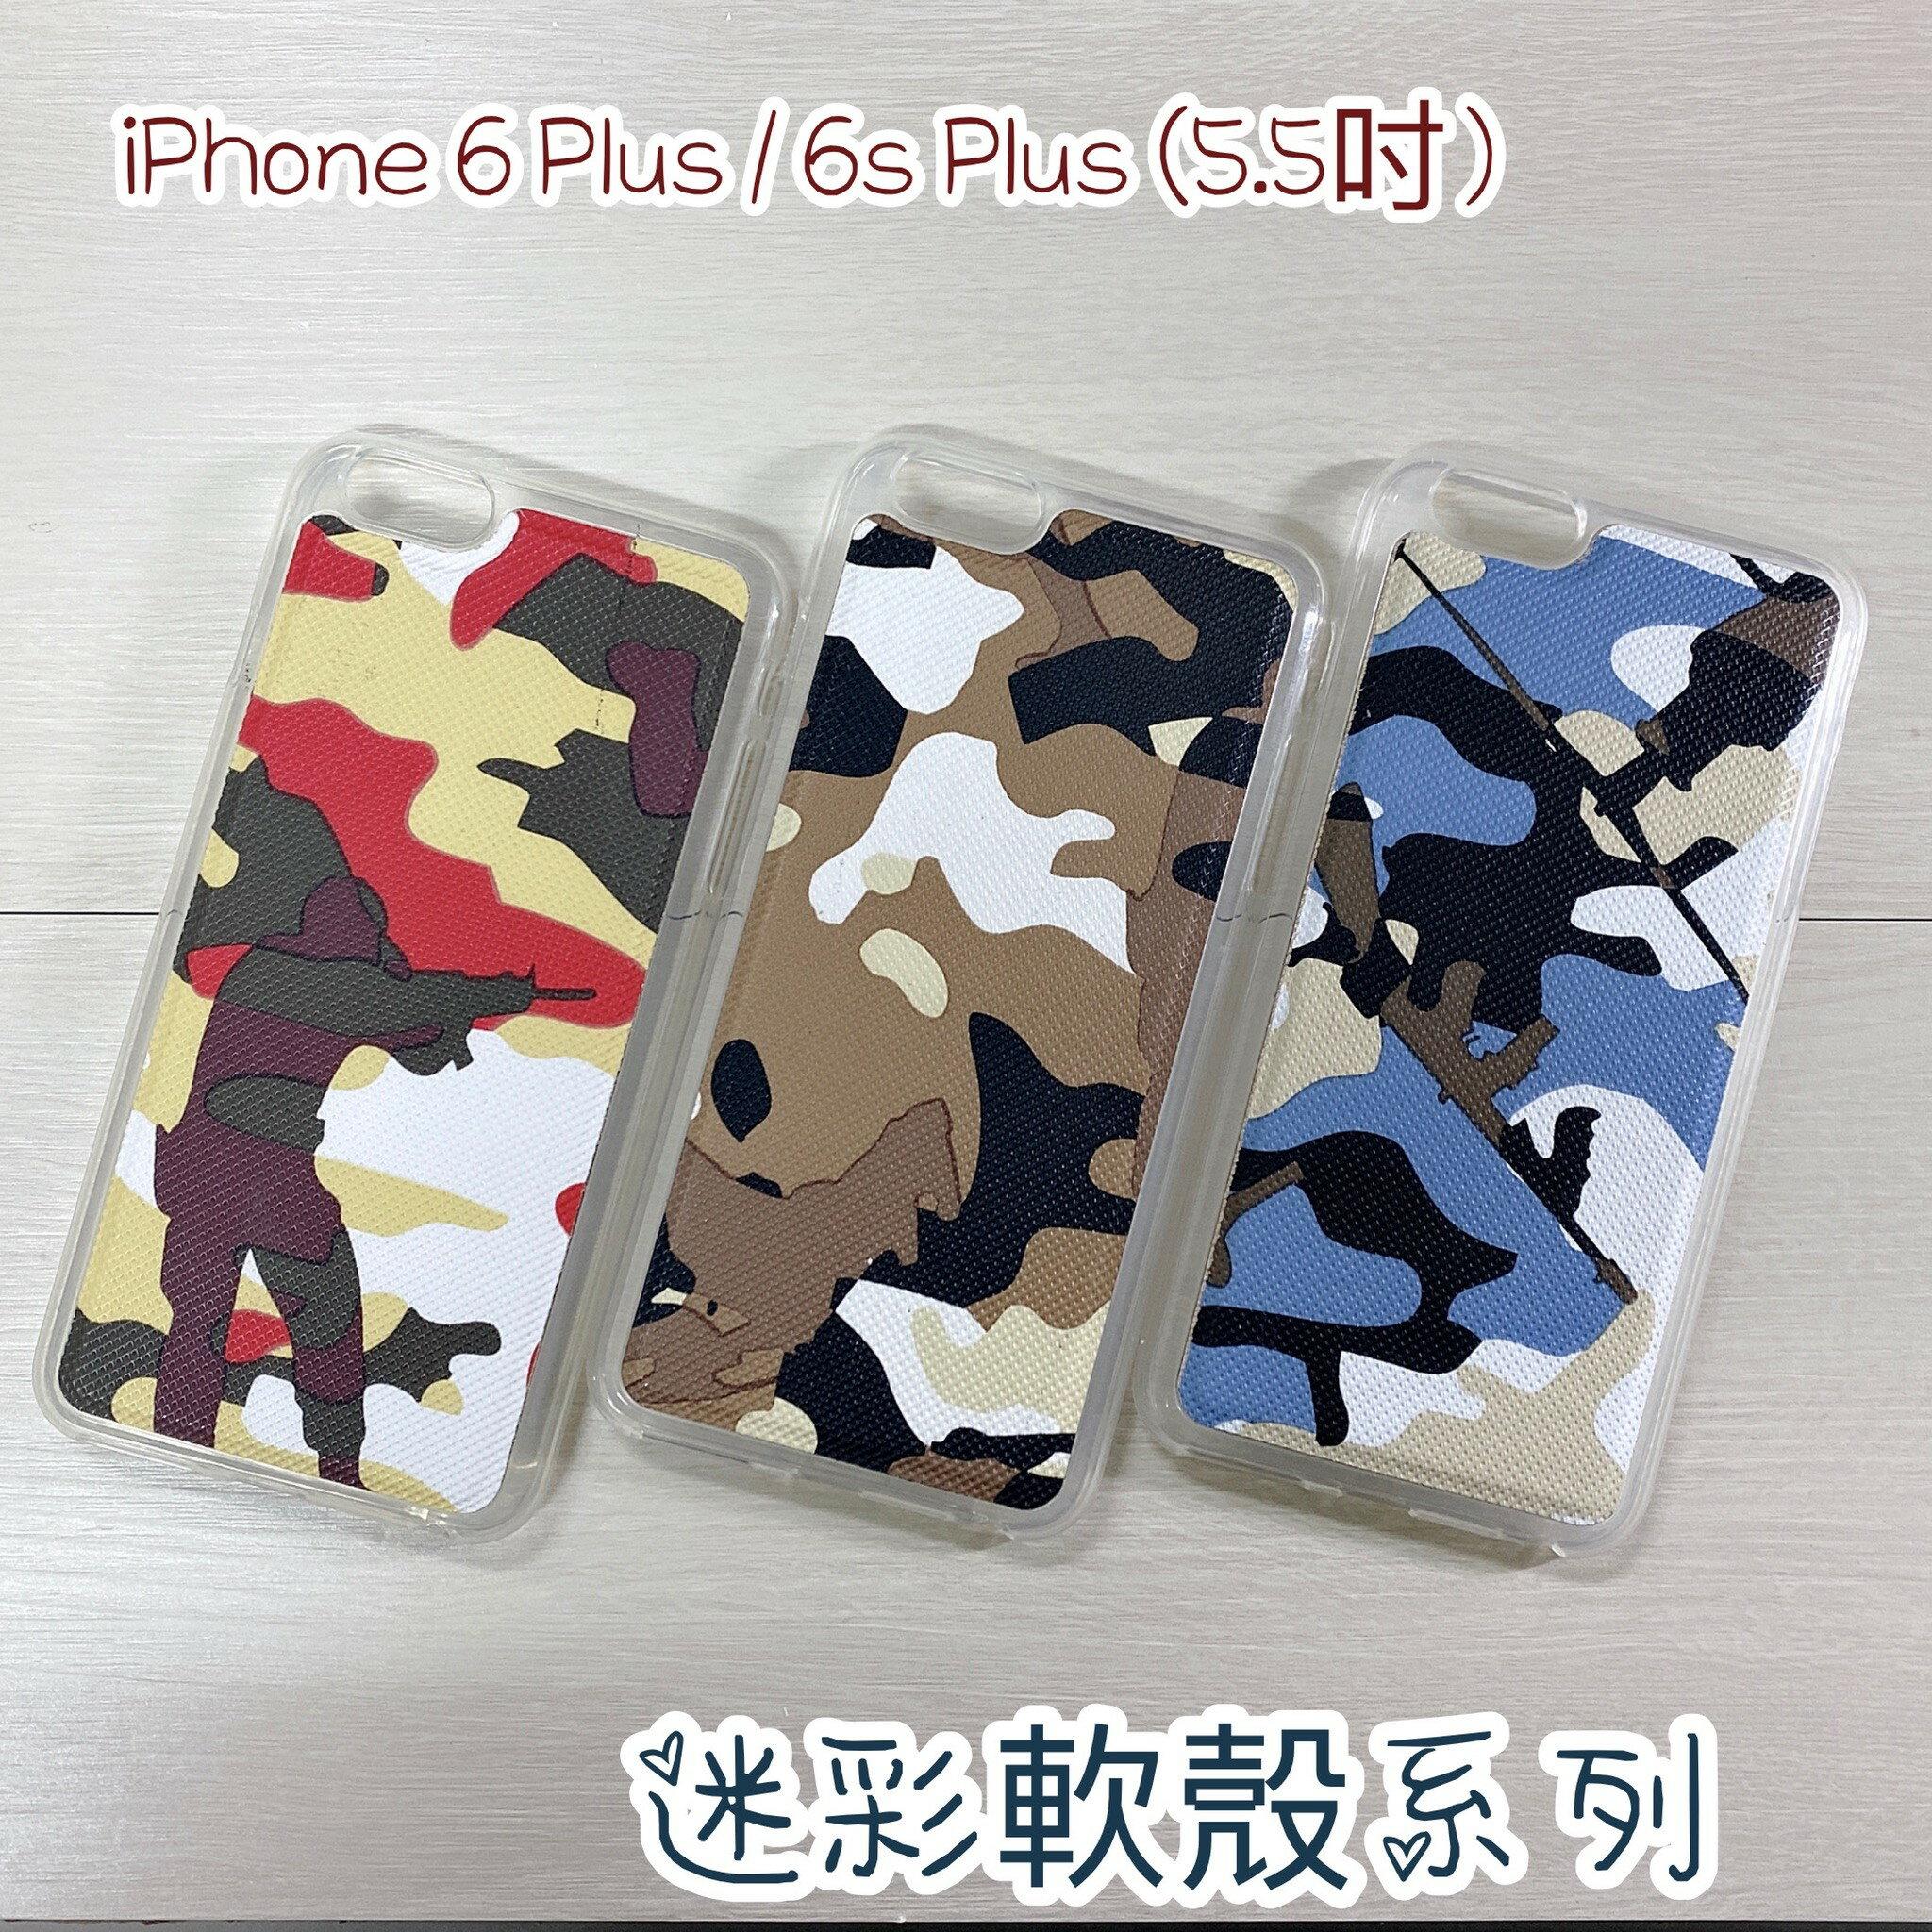 扛壩子 迷彩軟殼 iPhone 6 Plus 6s Plus 6+ 6s+ 手機殼保護套防摔殼手機套保護殼背蓋